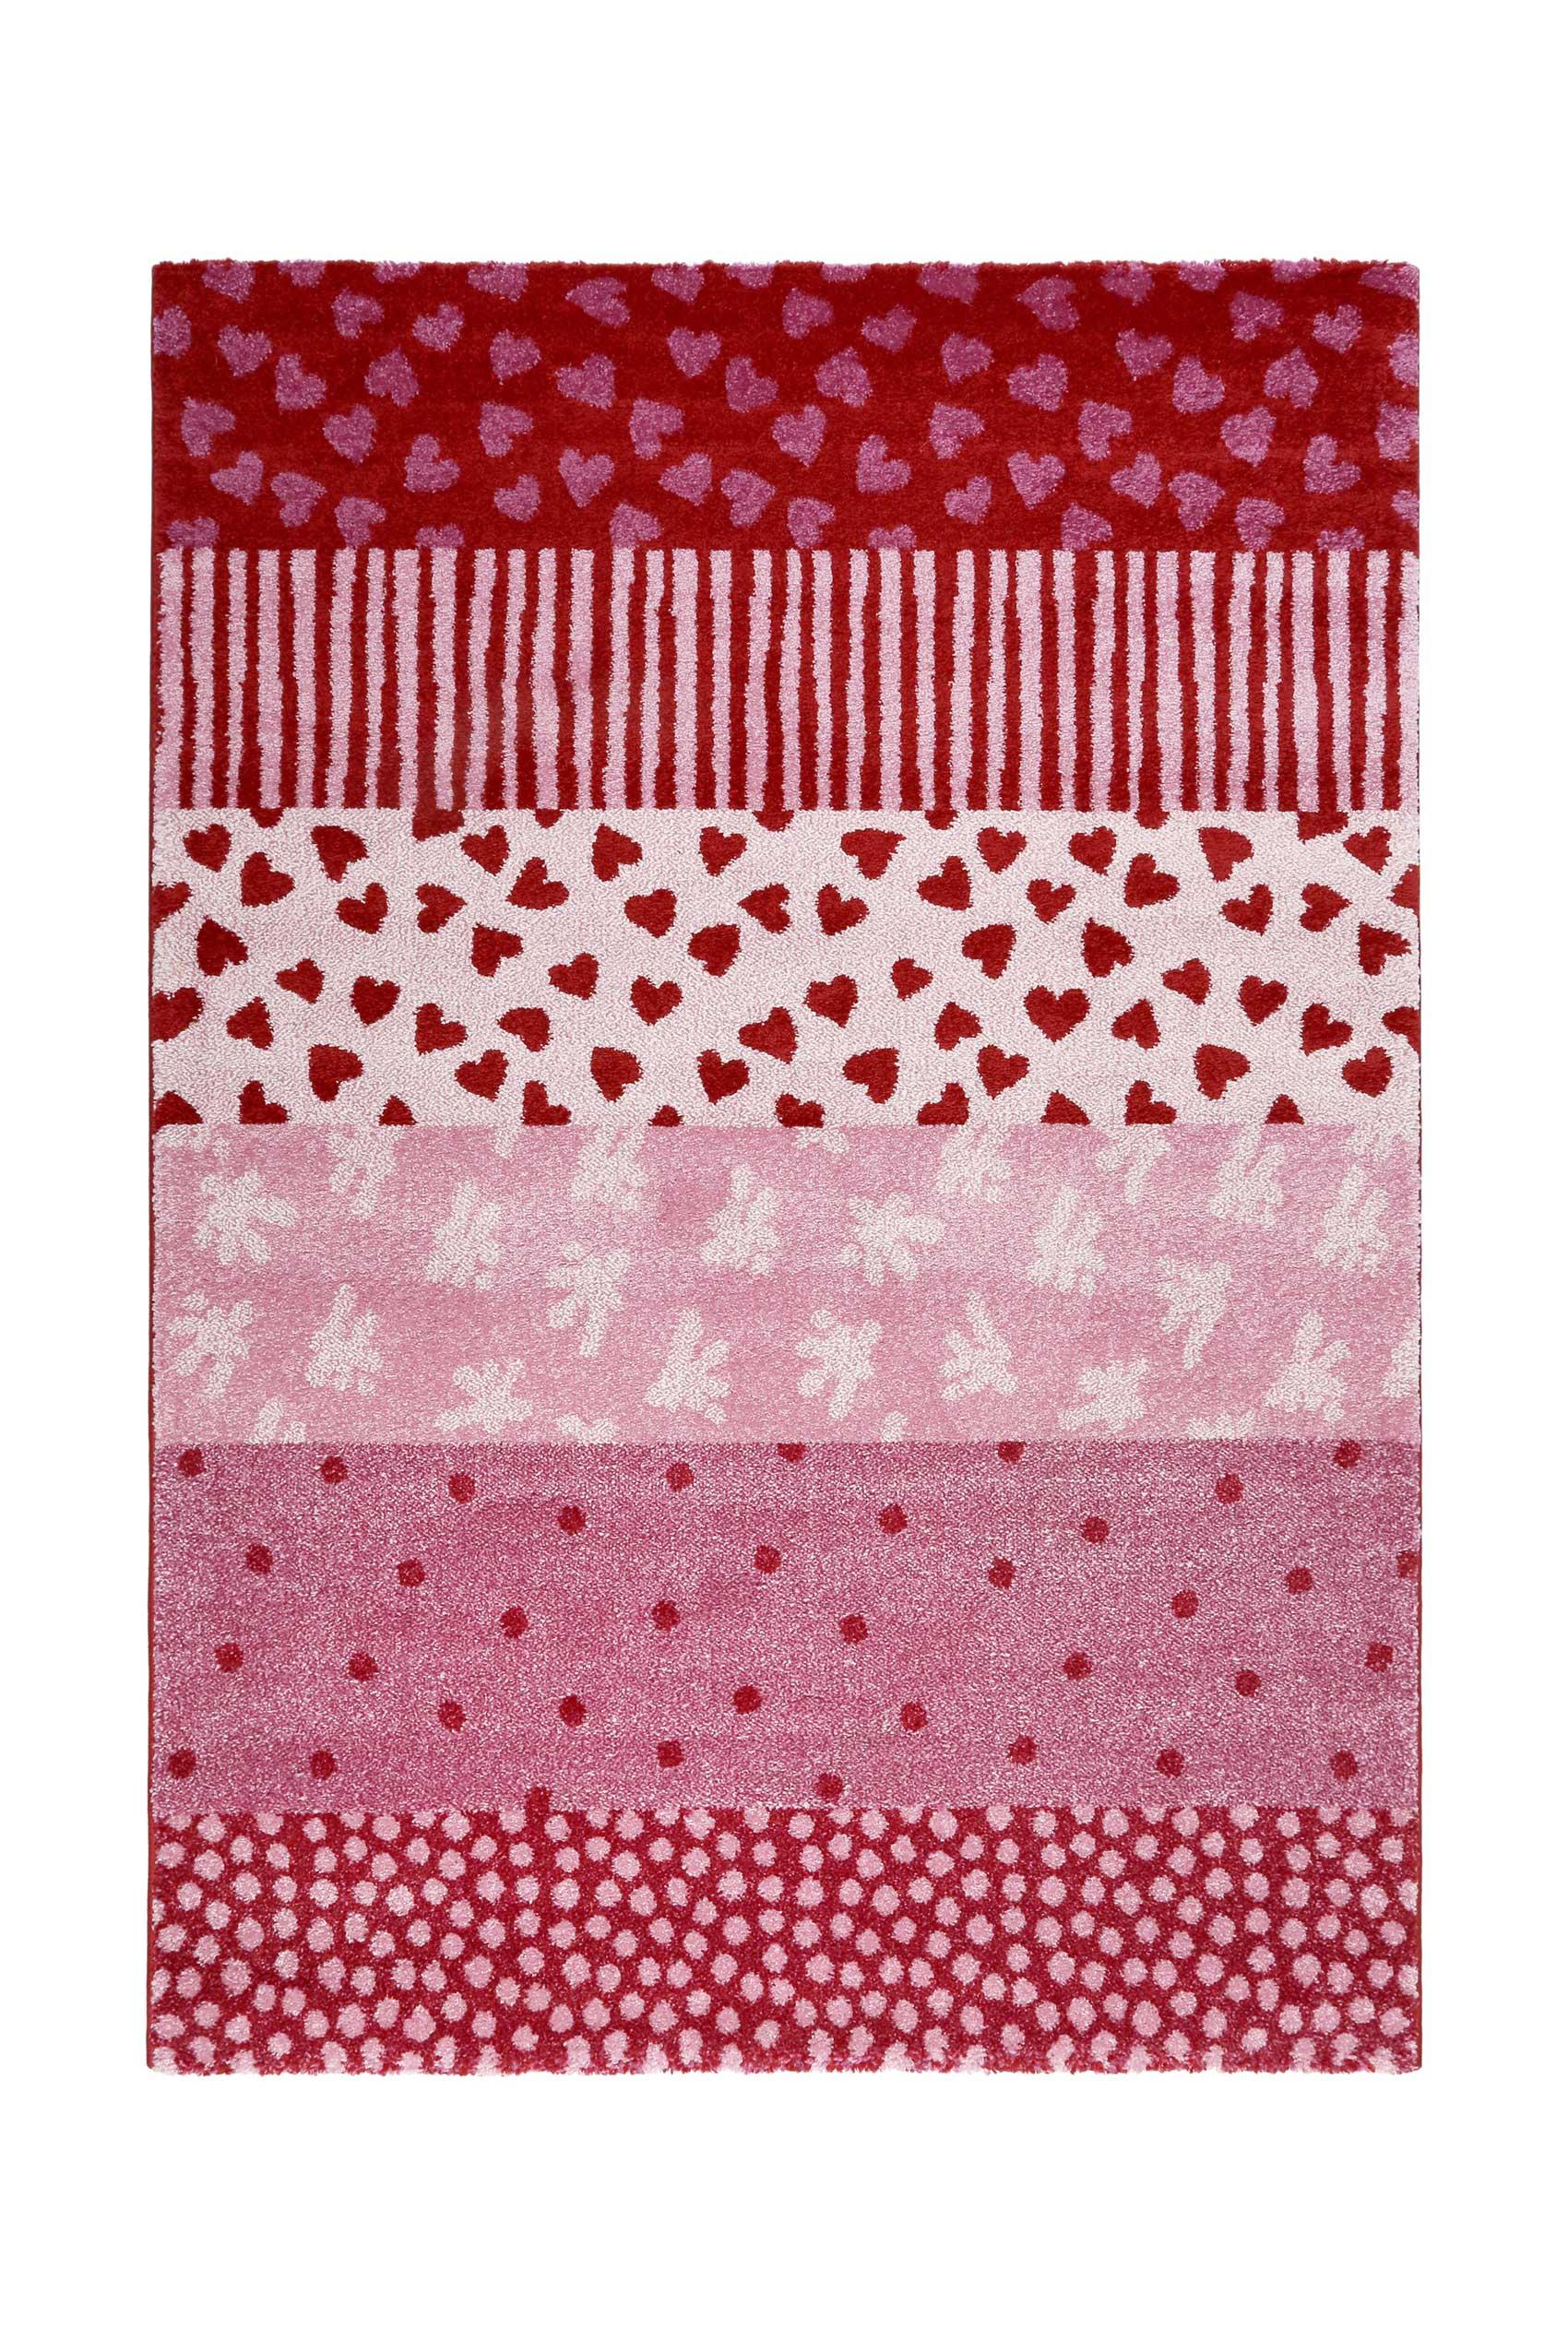 Tapis enfant motifs cœurs et pois alternés rose rouge 120x170